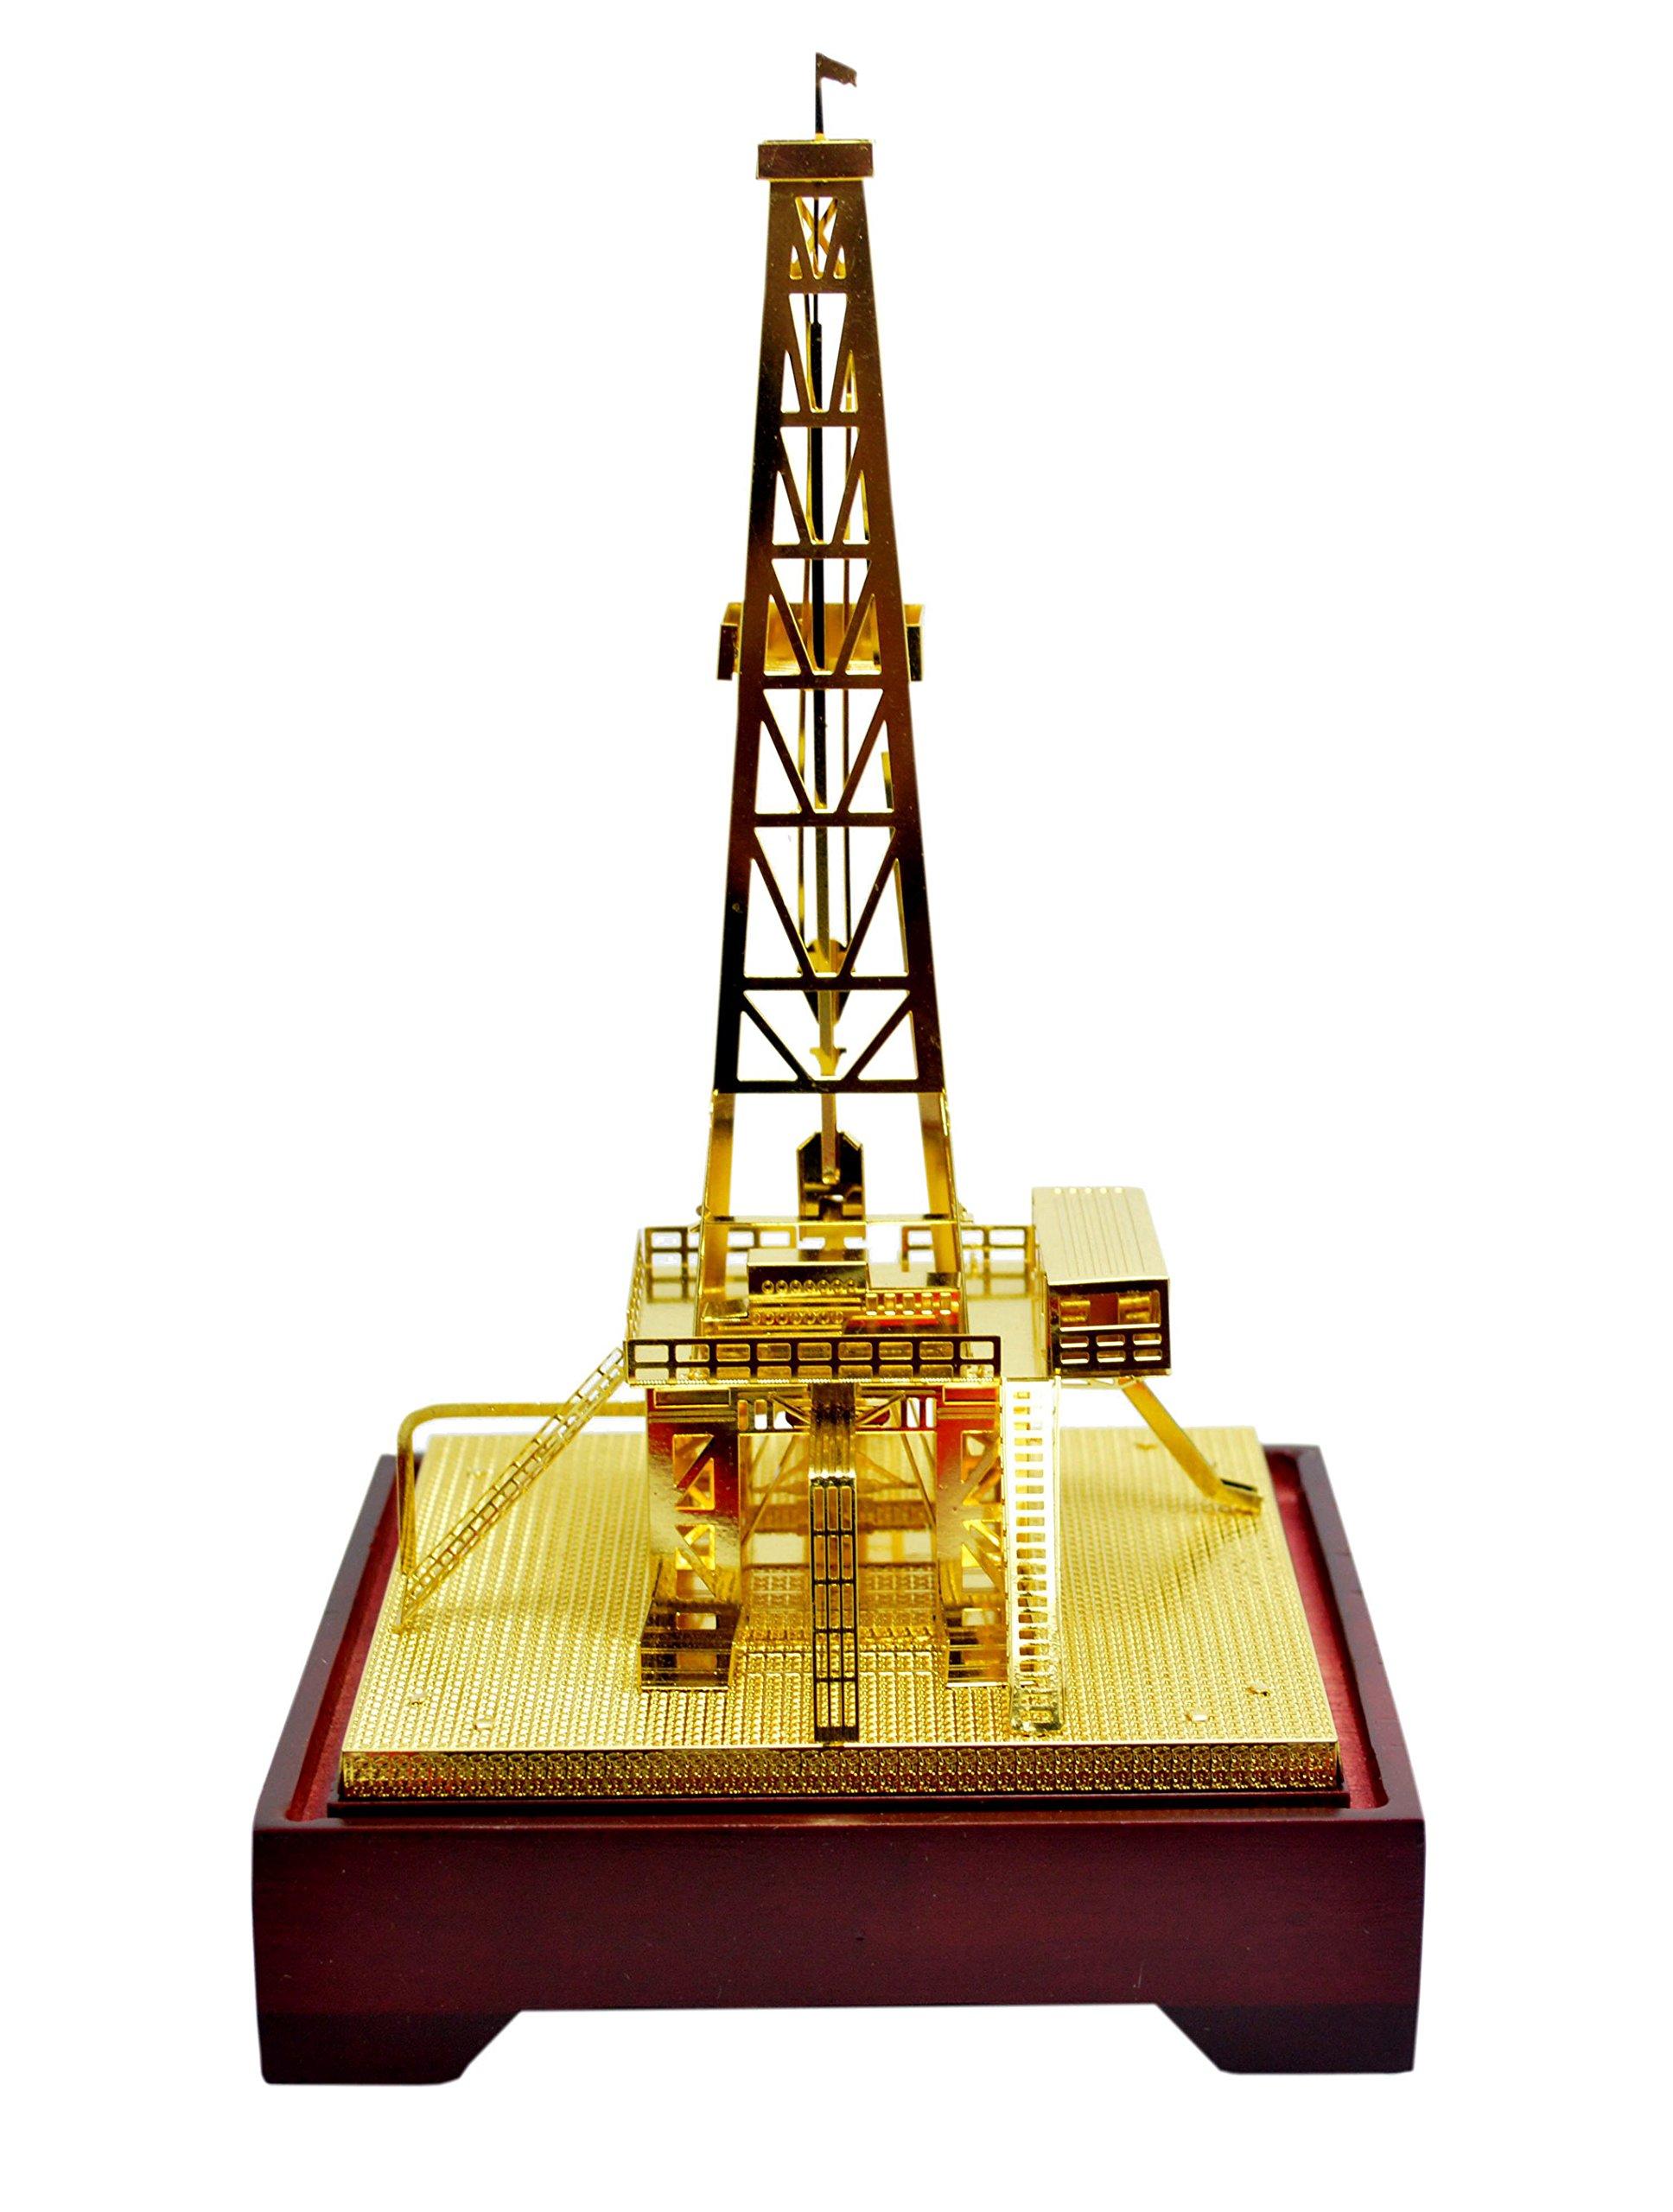 new copper oilfield oil well derrick drill rig gold color model commemorative edition